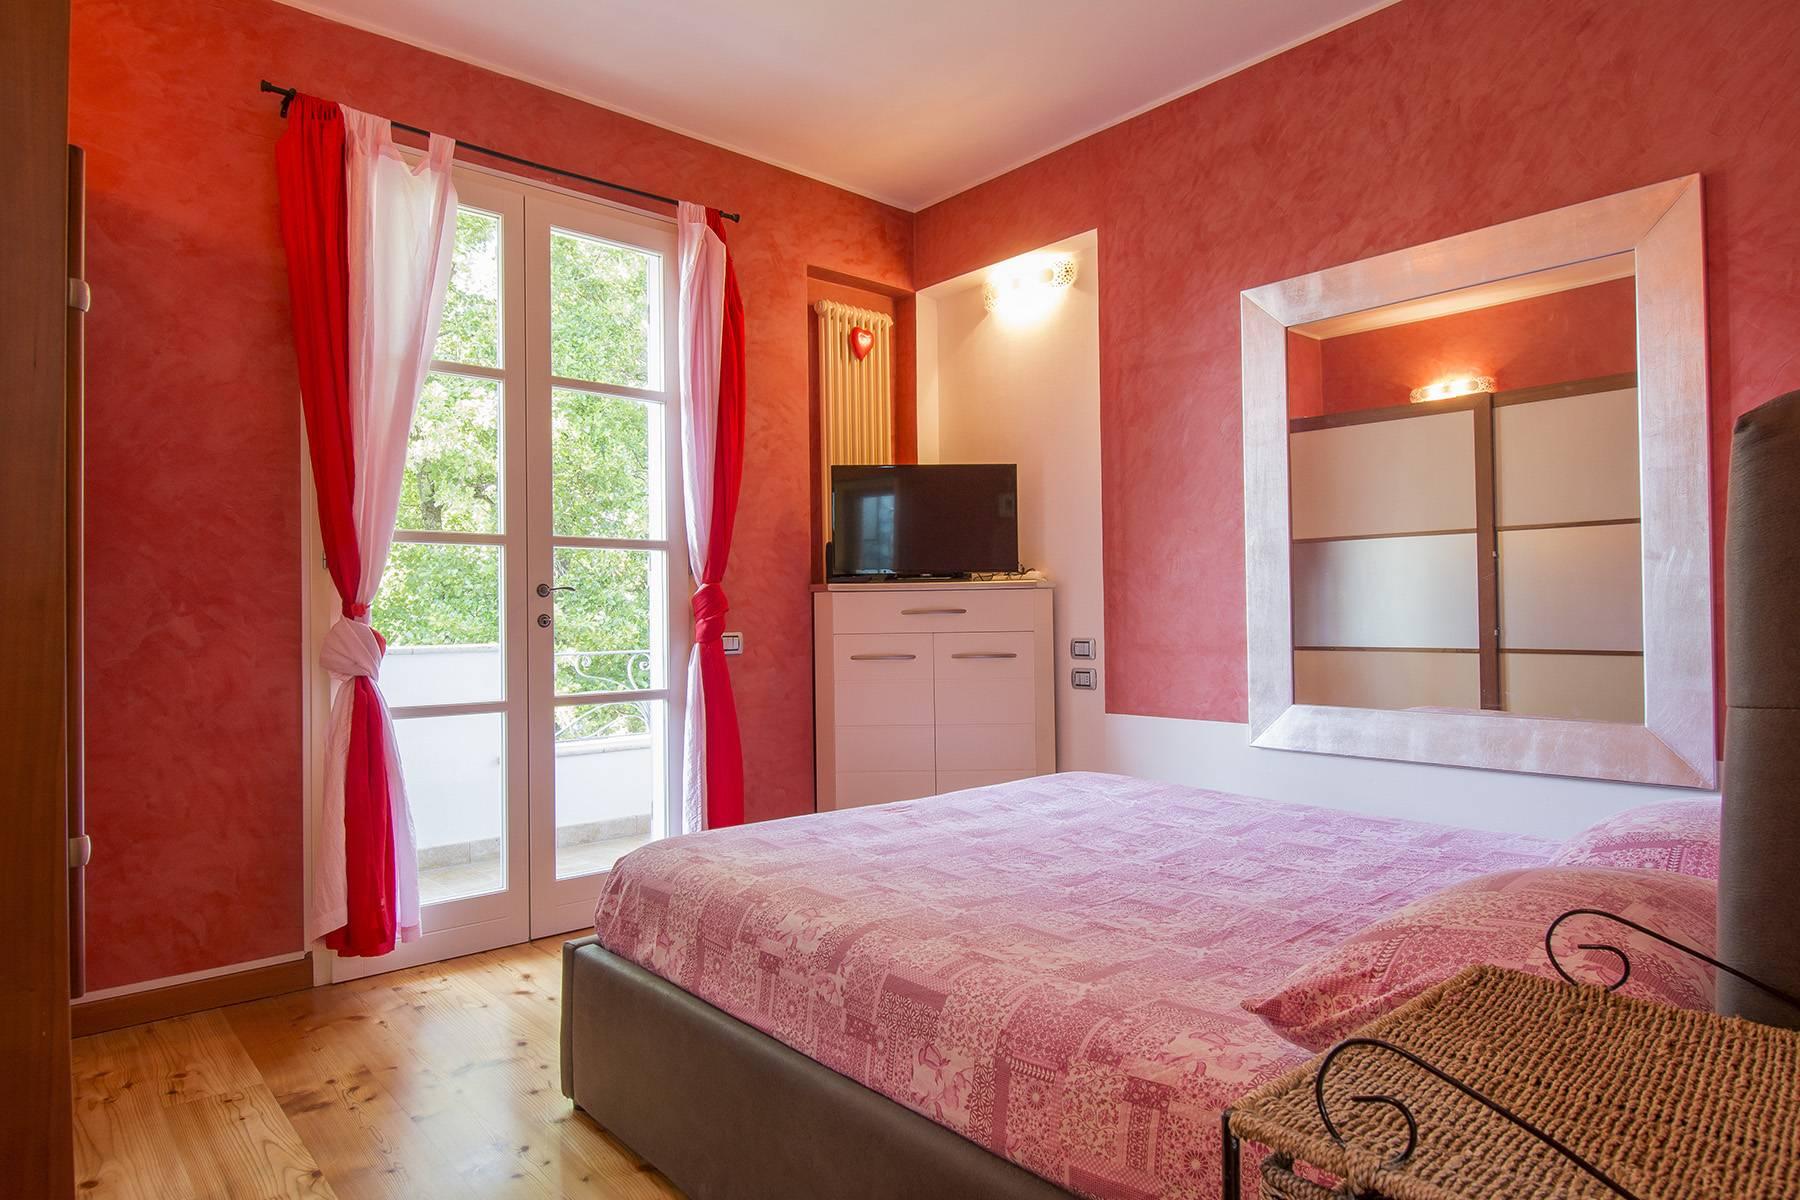 Casa indipendente in Vendita a Pietrasanta: 5 locali, 180 mq - Foto 9